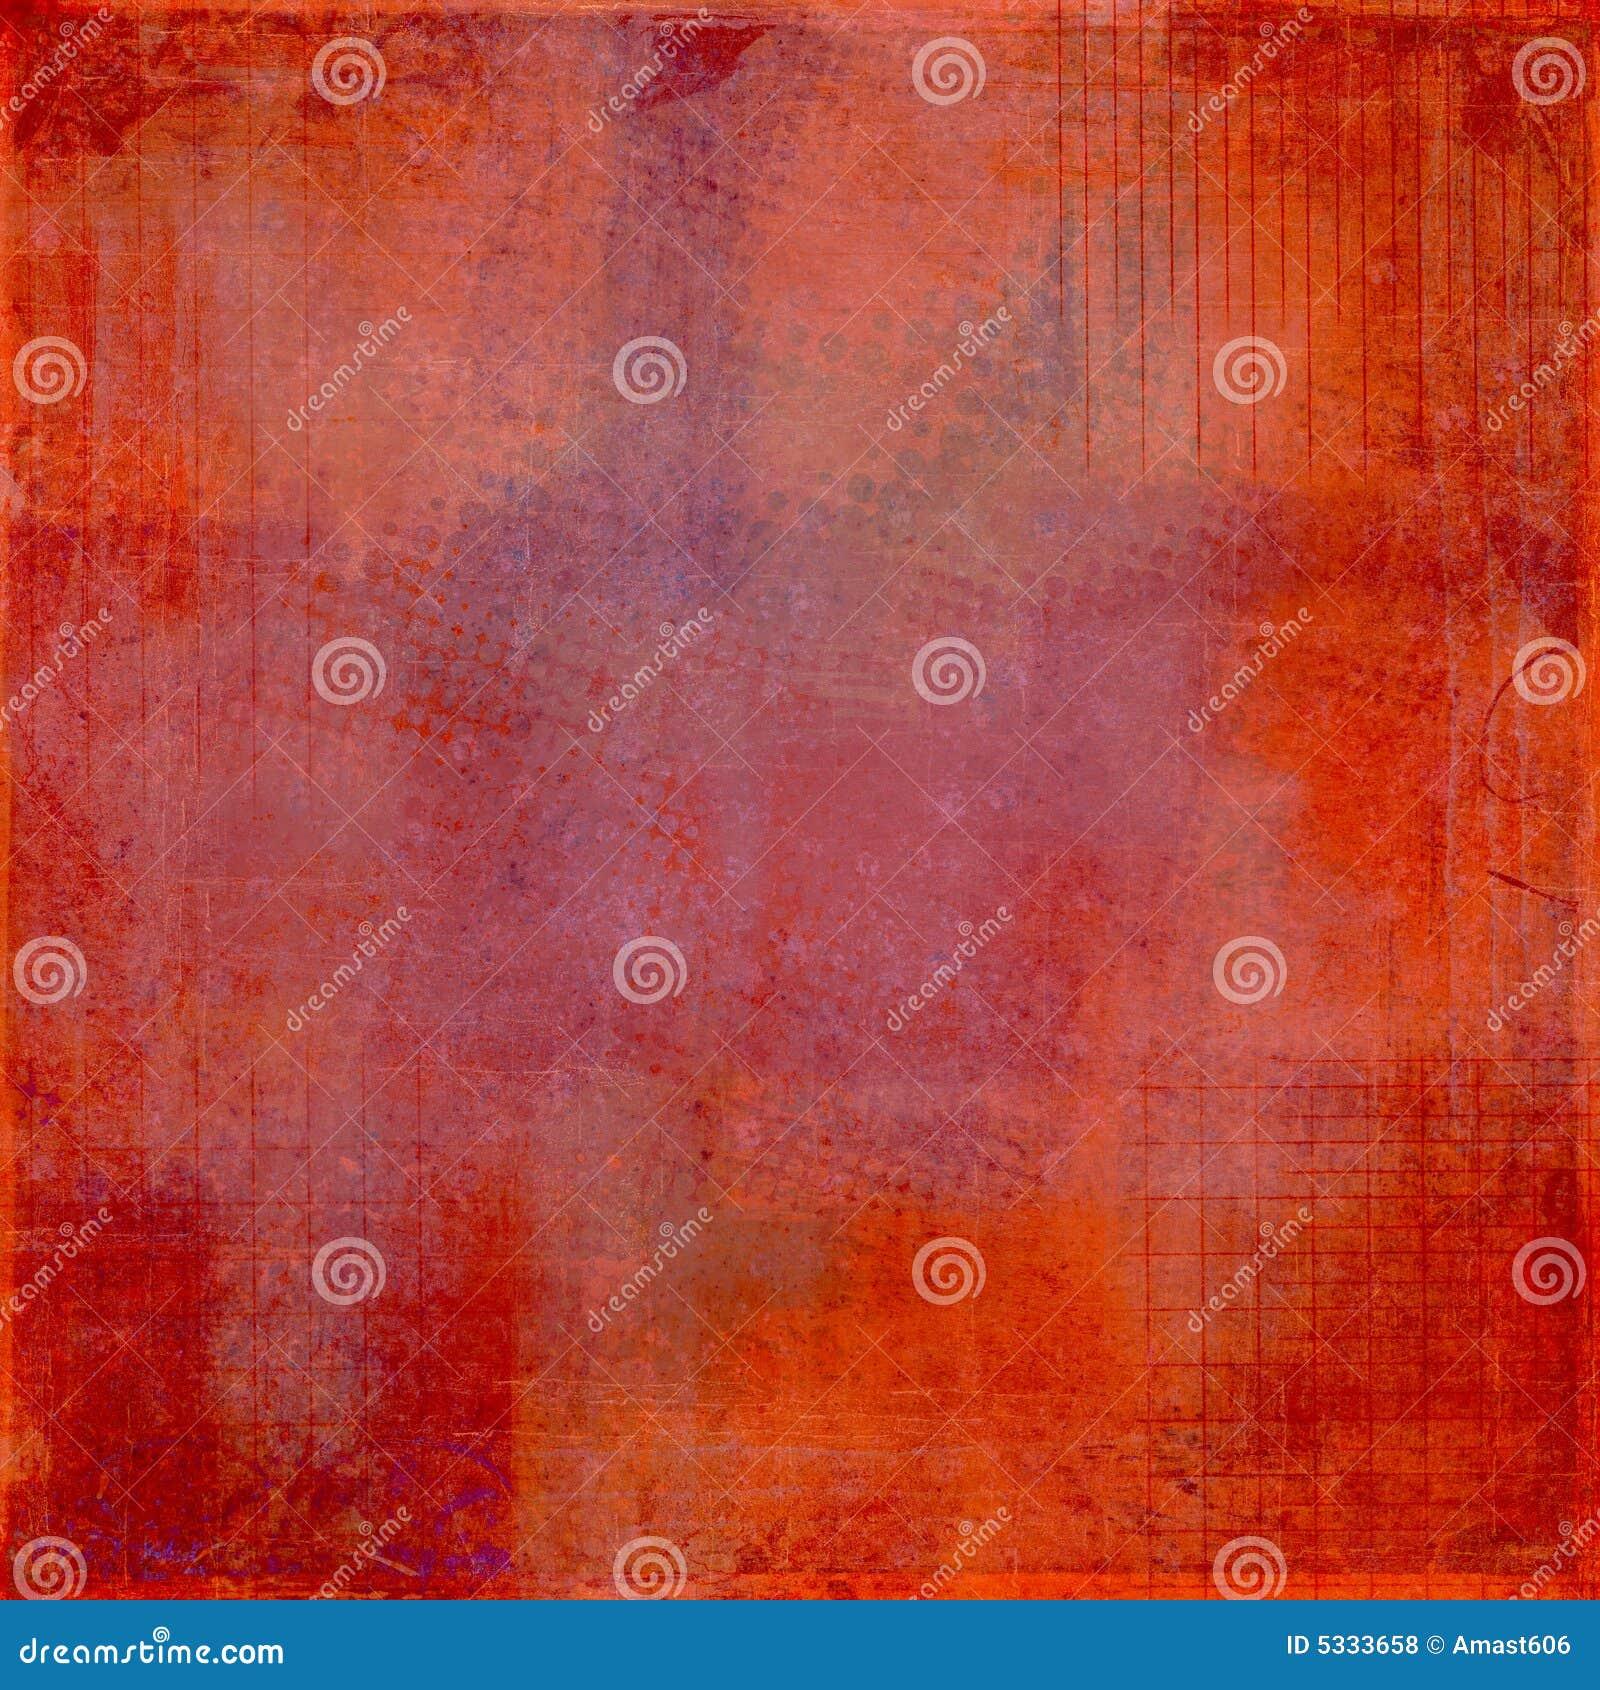 Contesto modificato ambrato ricco stampato in neretto